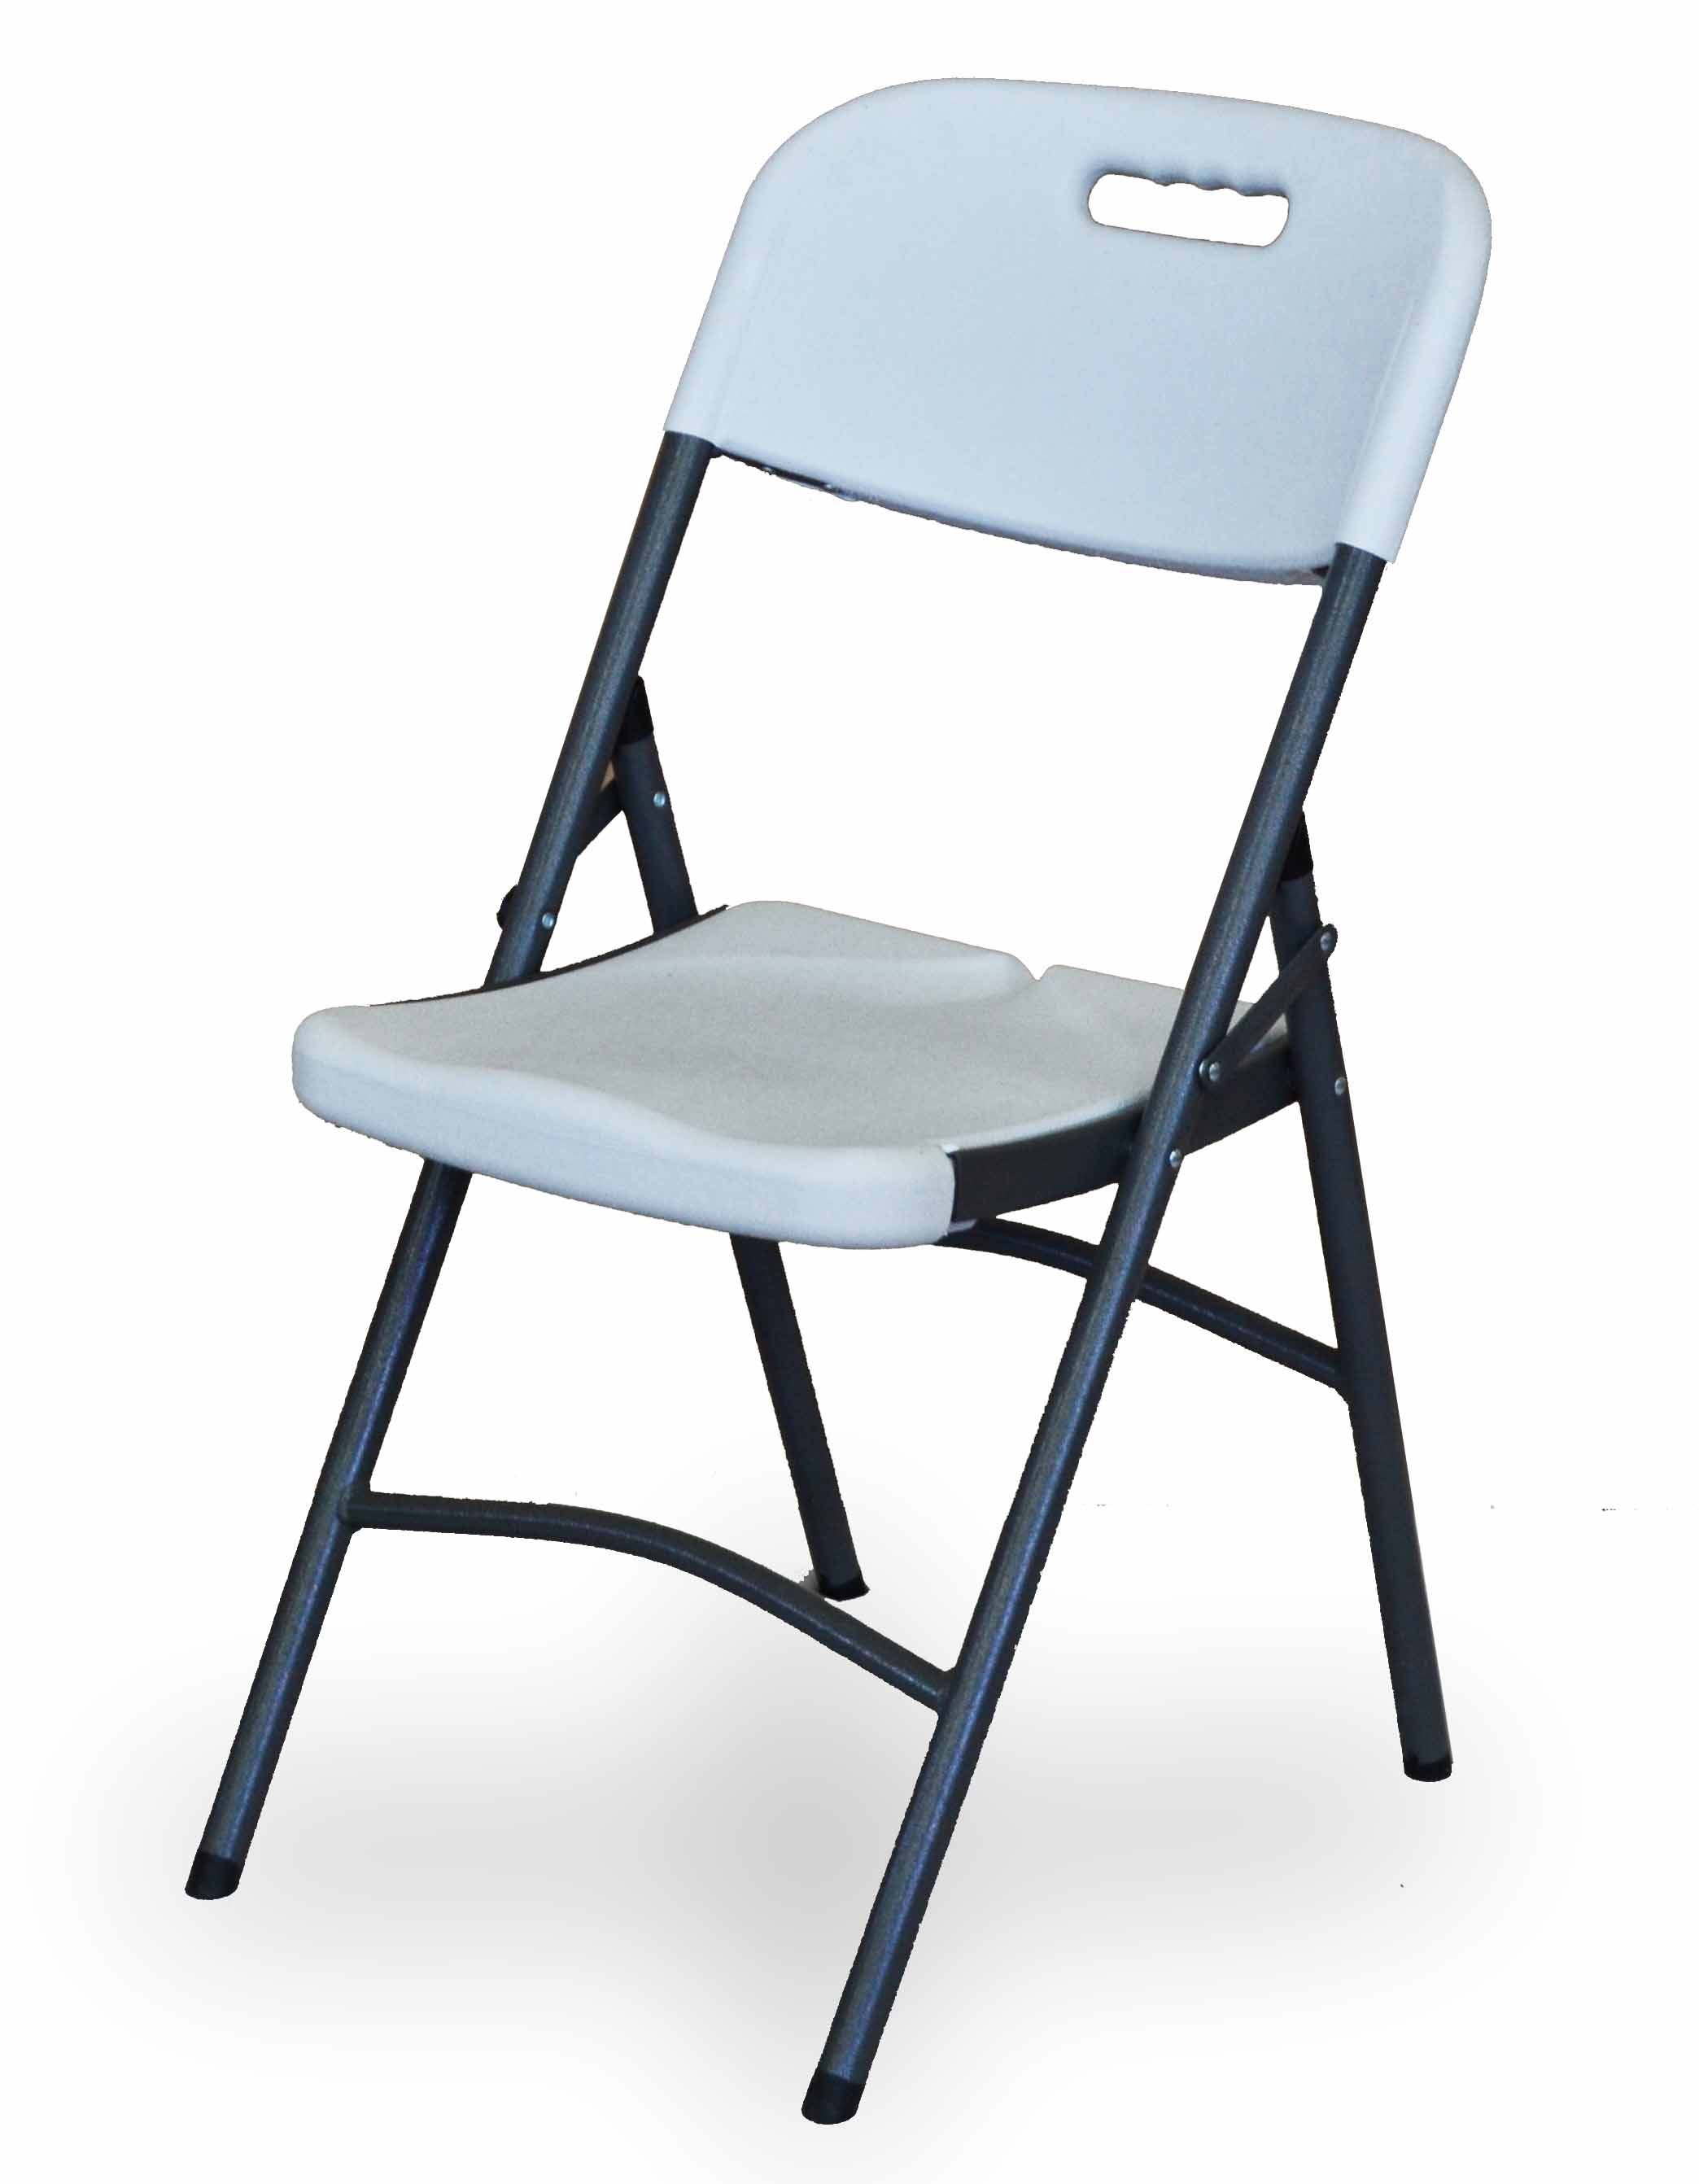 Πτυσσόμενη καρέκλα συνεδριάσεων - εκδηλώσεων   μεταλλικός σκελετός με πλαστικό κάθισμα και πλάτη